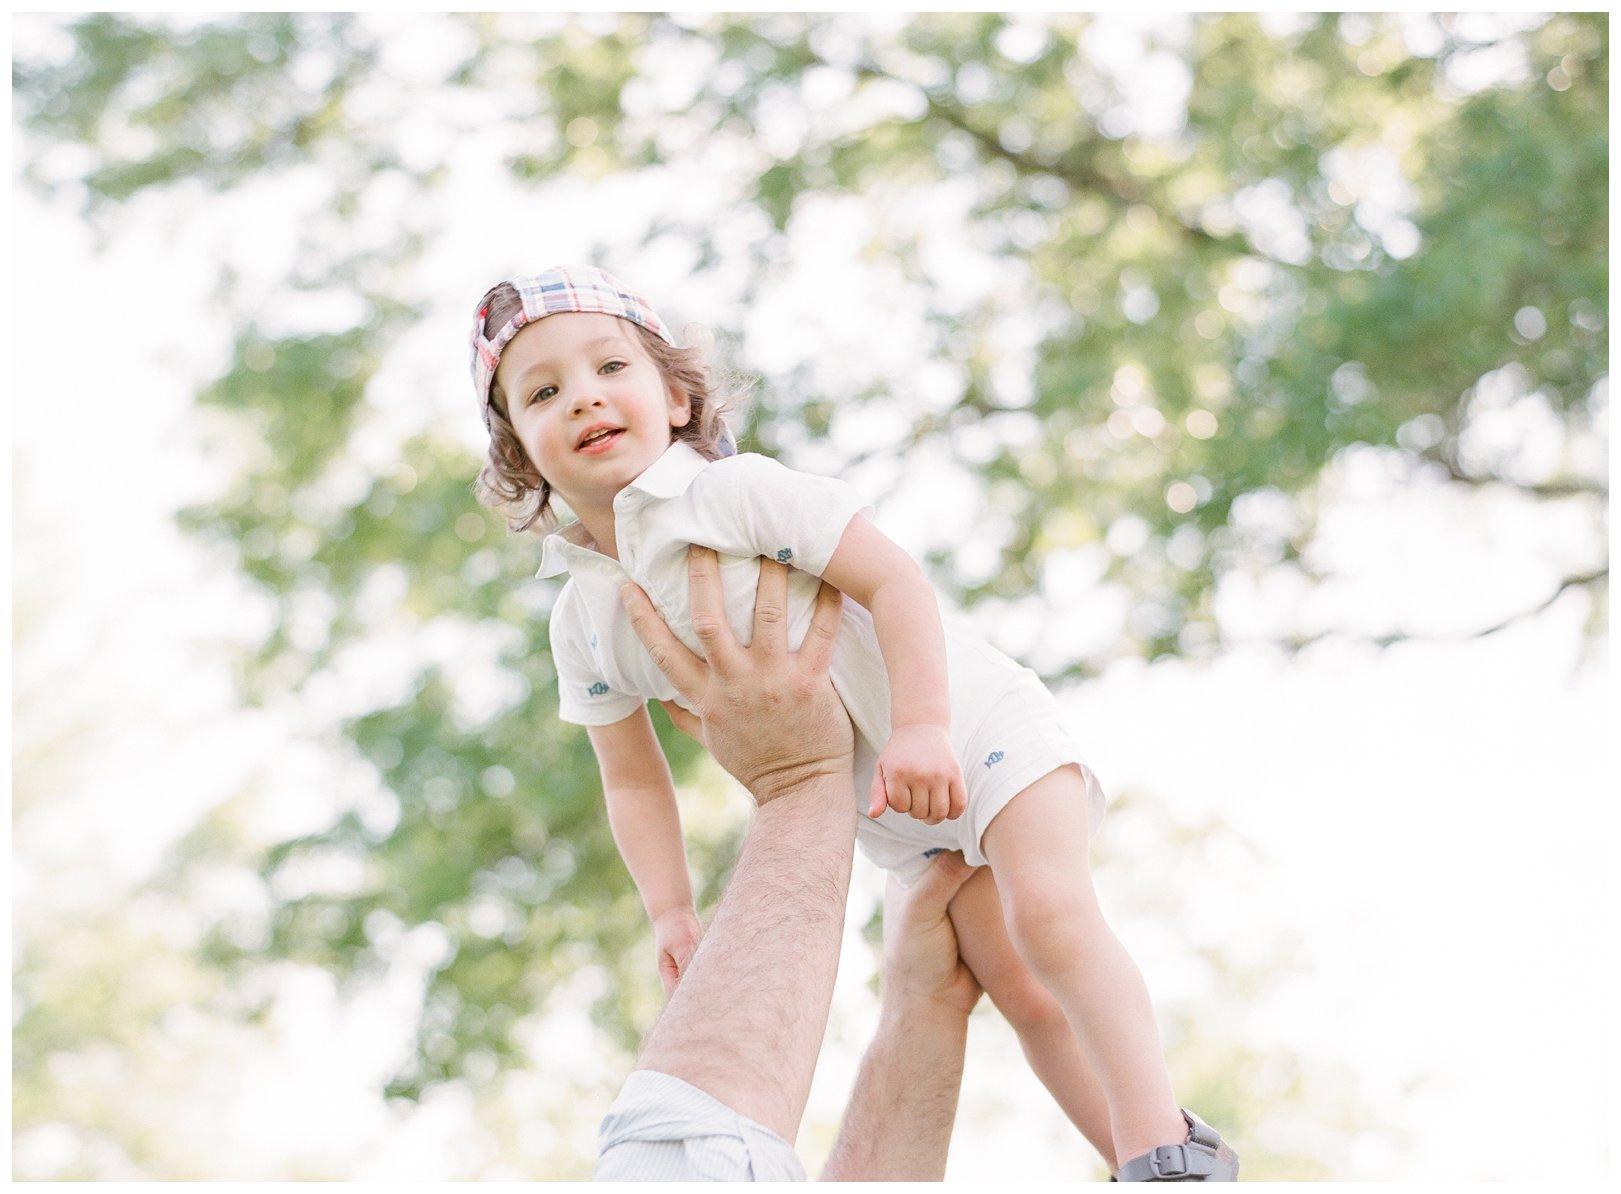 lauren muckler photography_fine art film wedding photography_st louis_photography_2732.jpg